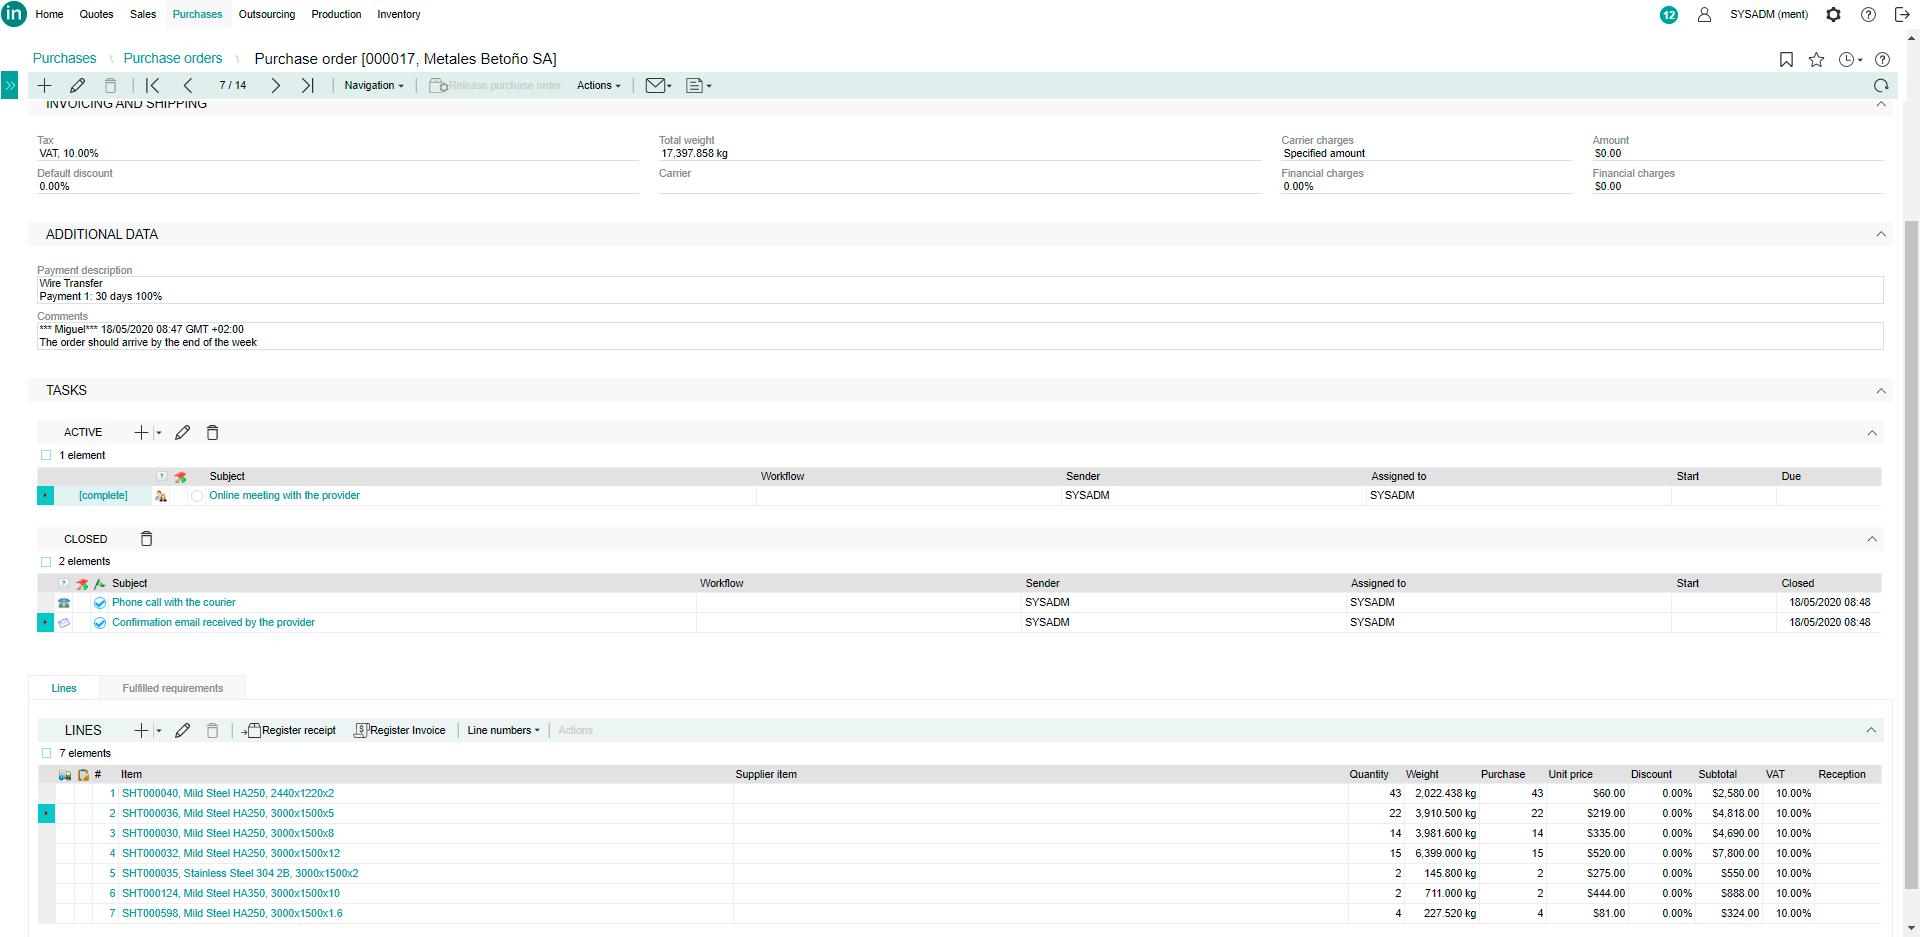 Lantek Integra Purchases  - Orden de compra